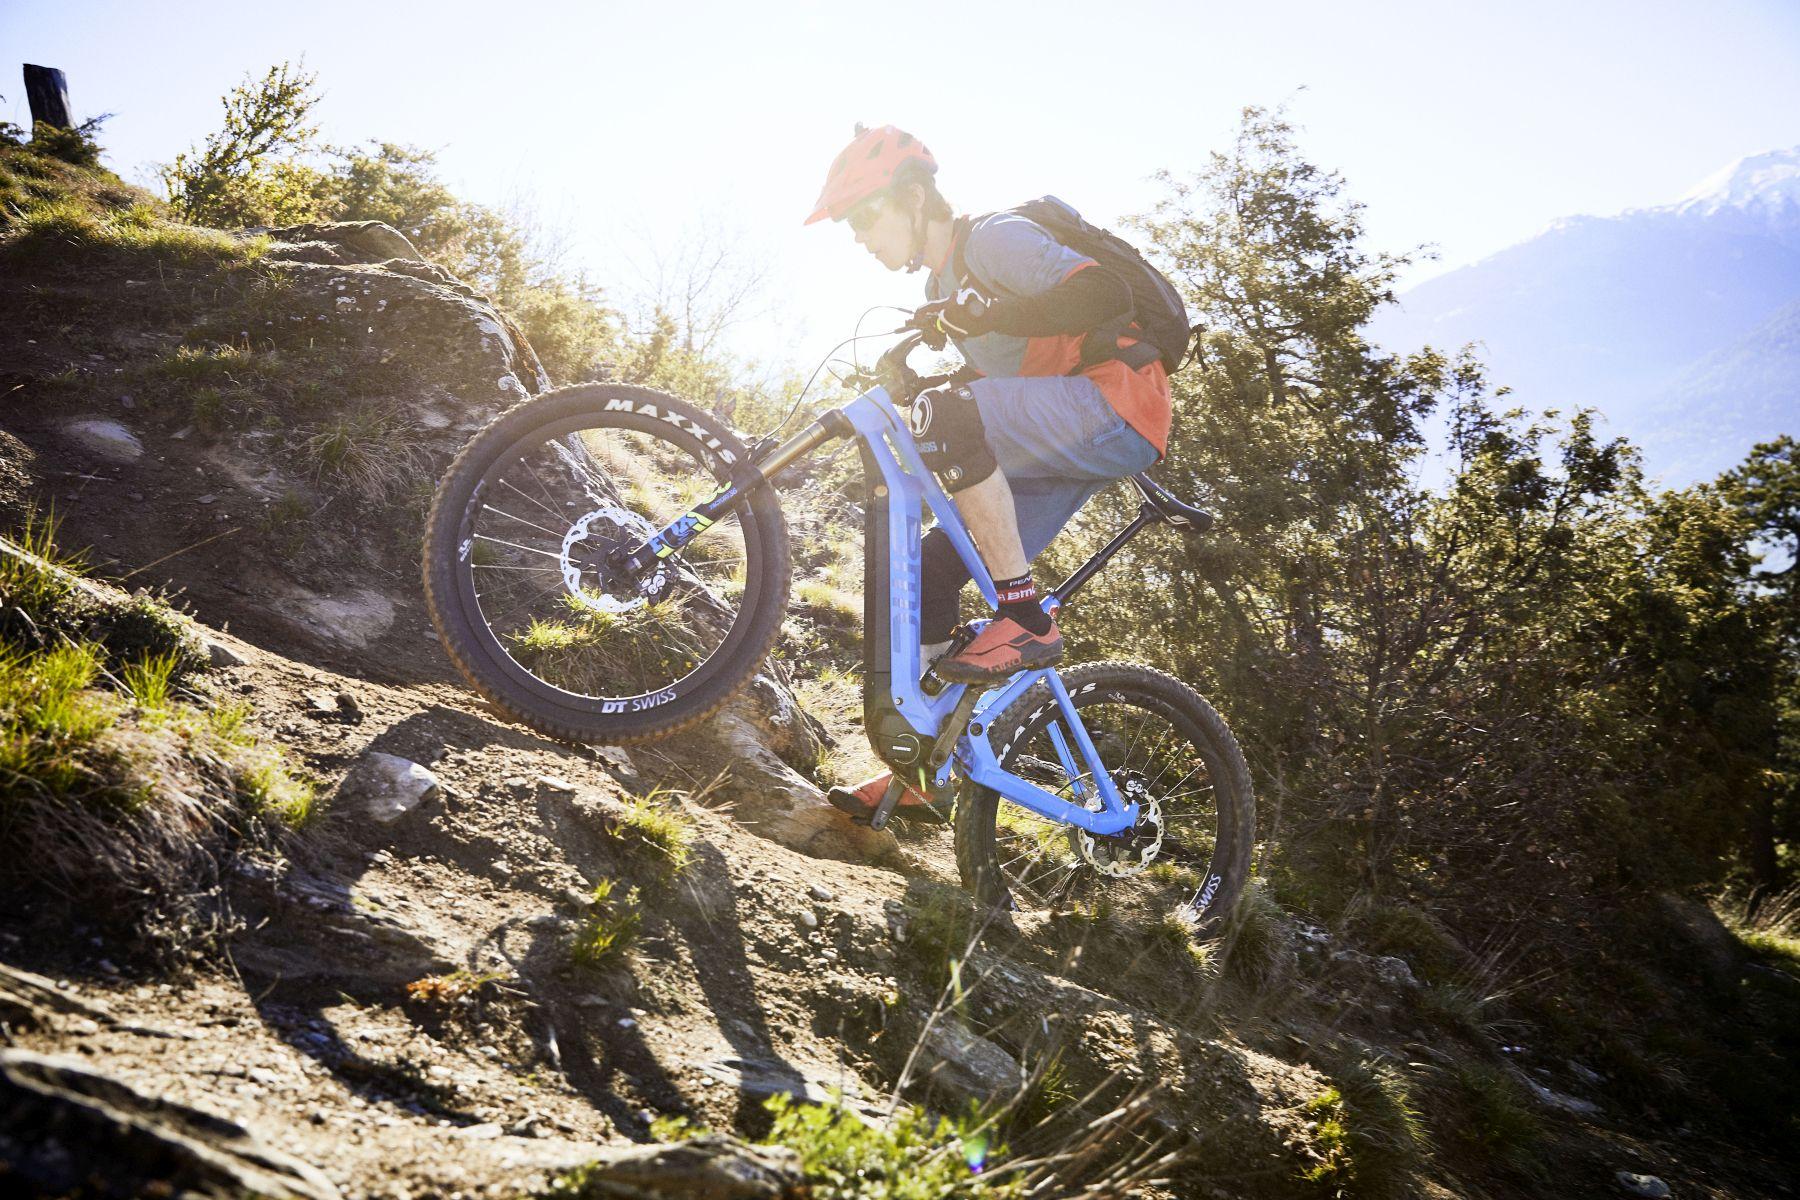 BMC Trailfox AMP, una bicicleta allmountain que funcione como una MTB tradicional pero con la ventaja del motor para aliviar las subidas